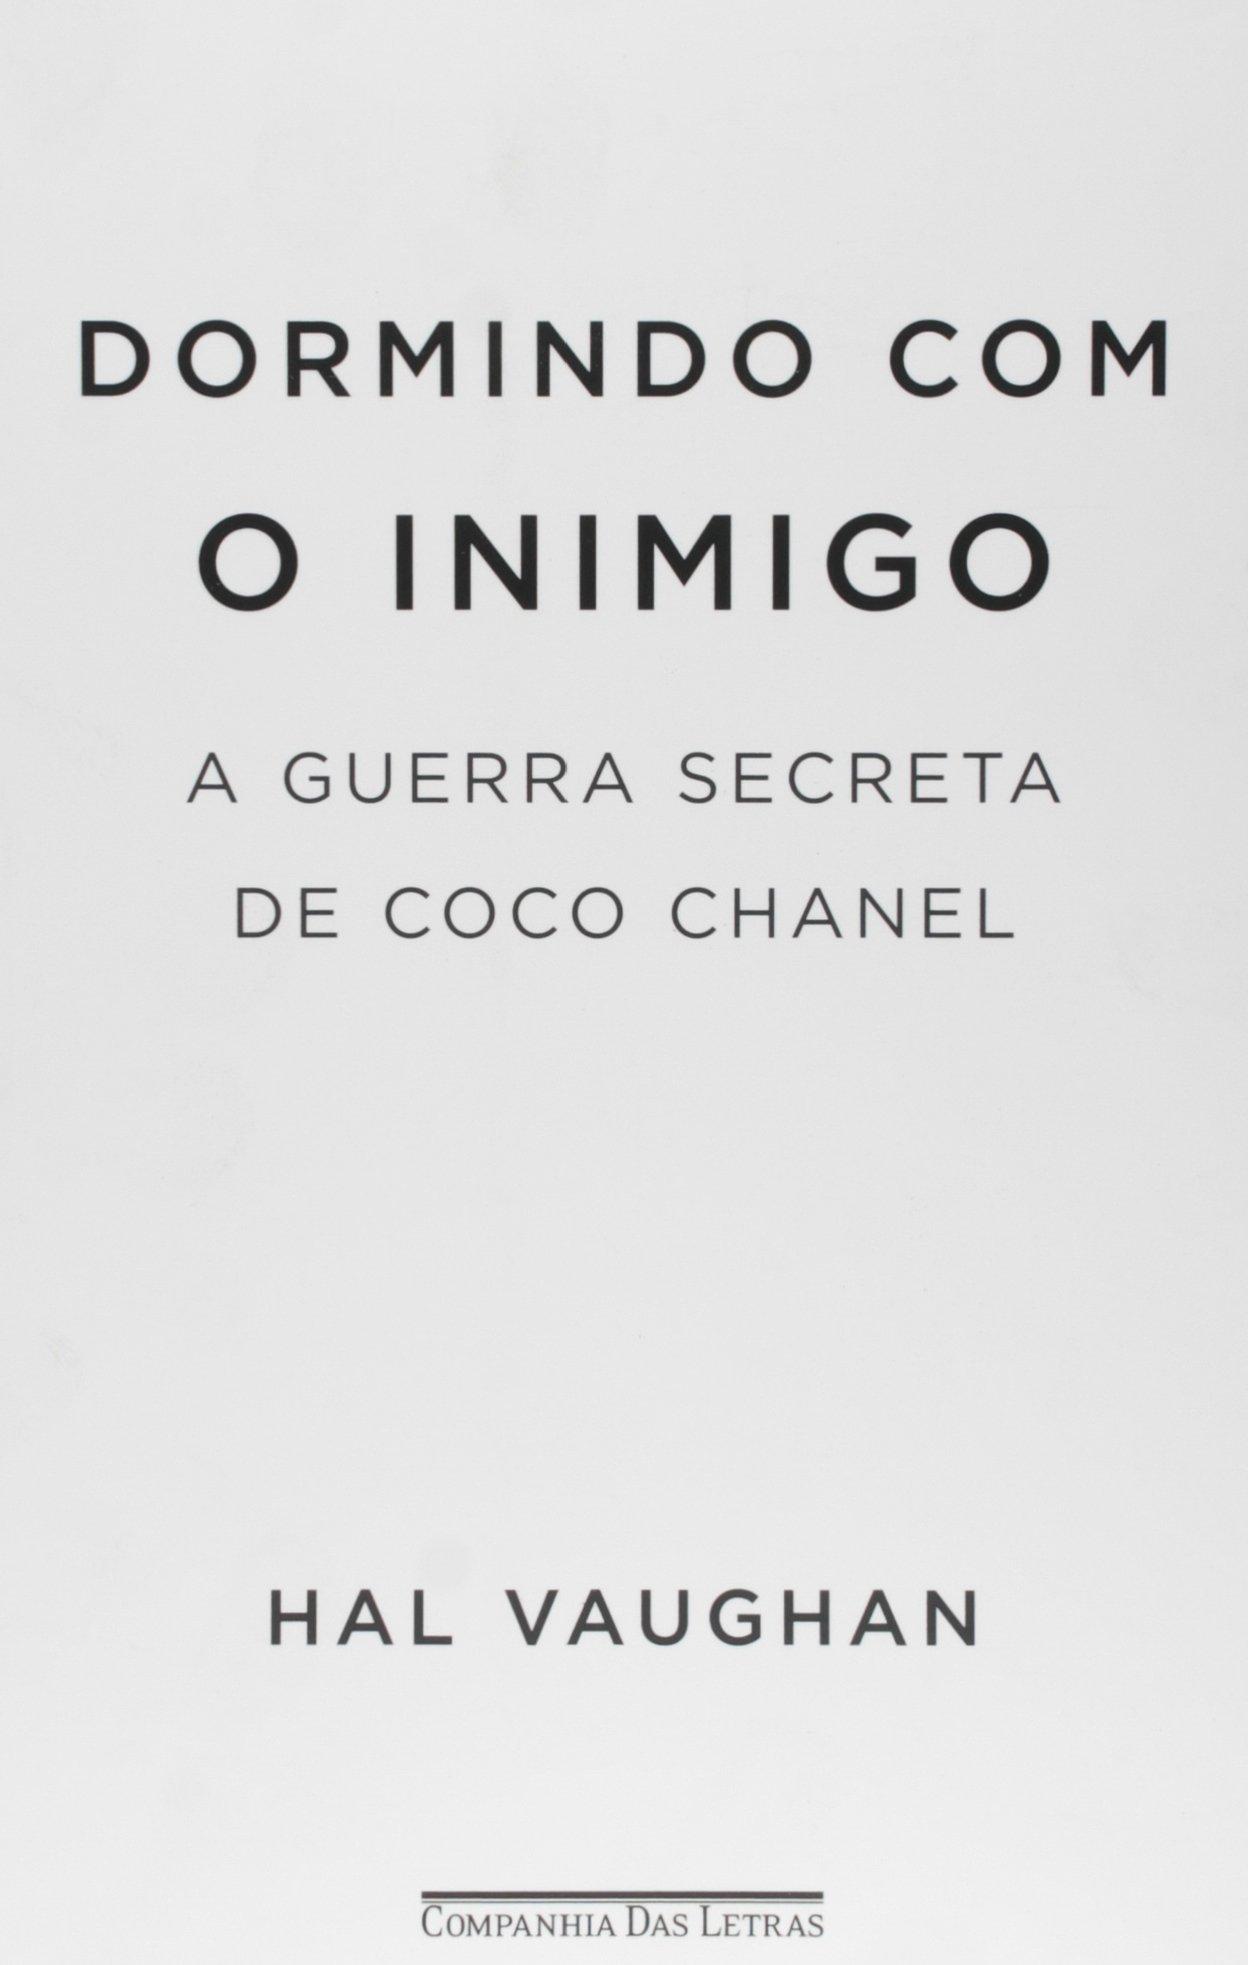 Dormindo com O Inimigo (Em Portuguese do Brasil): Amazon.es: Hal Vaughan: Libros